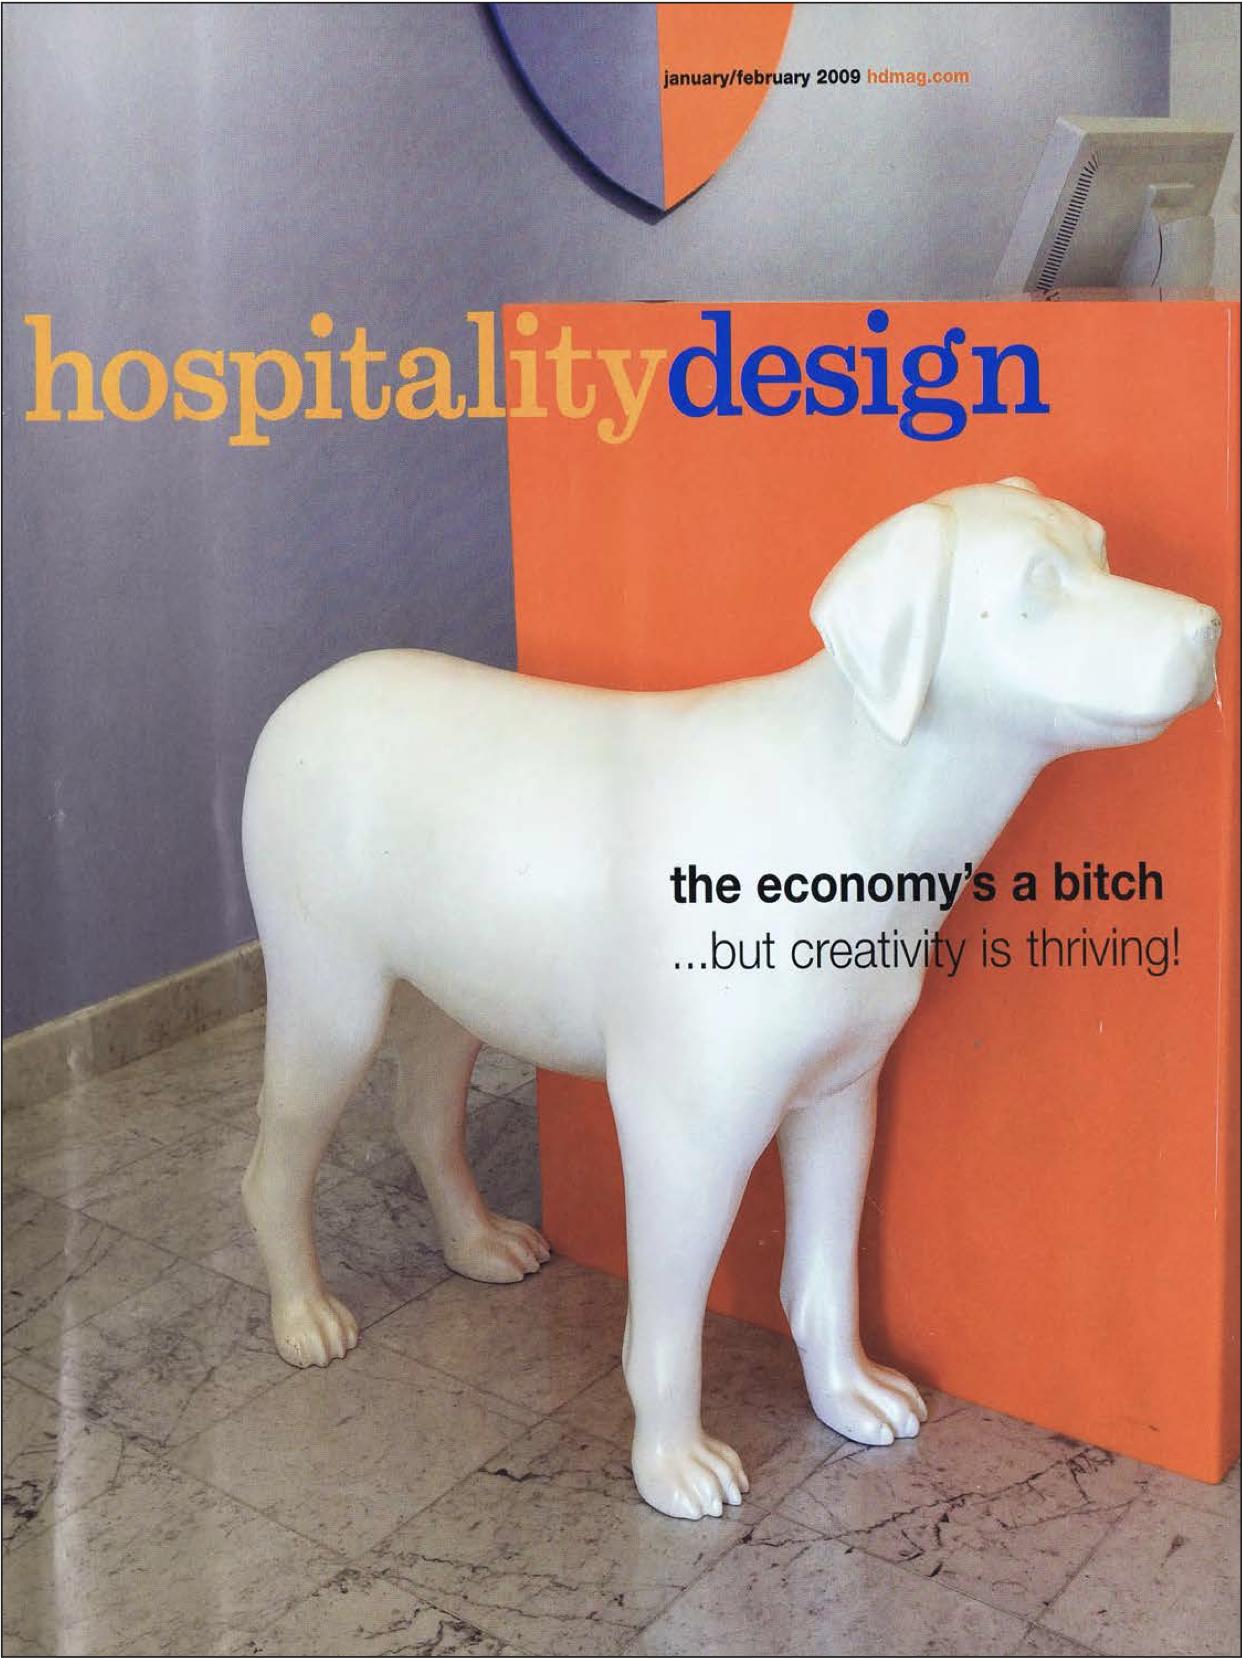 reeta-gyamlani-farrago-design-HD profile cover